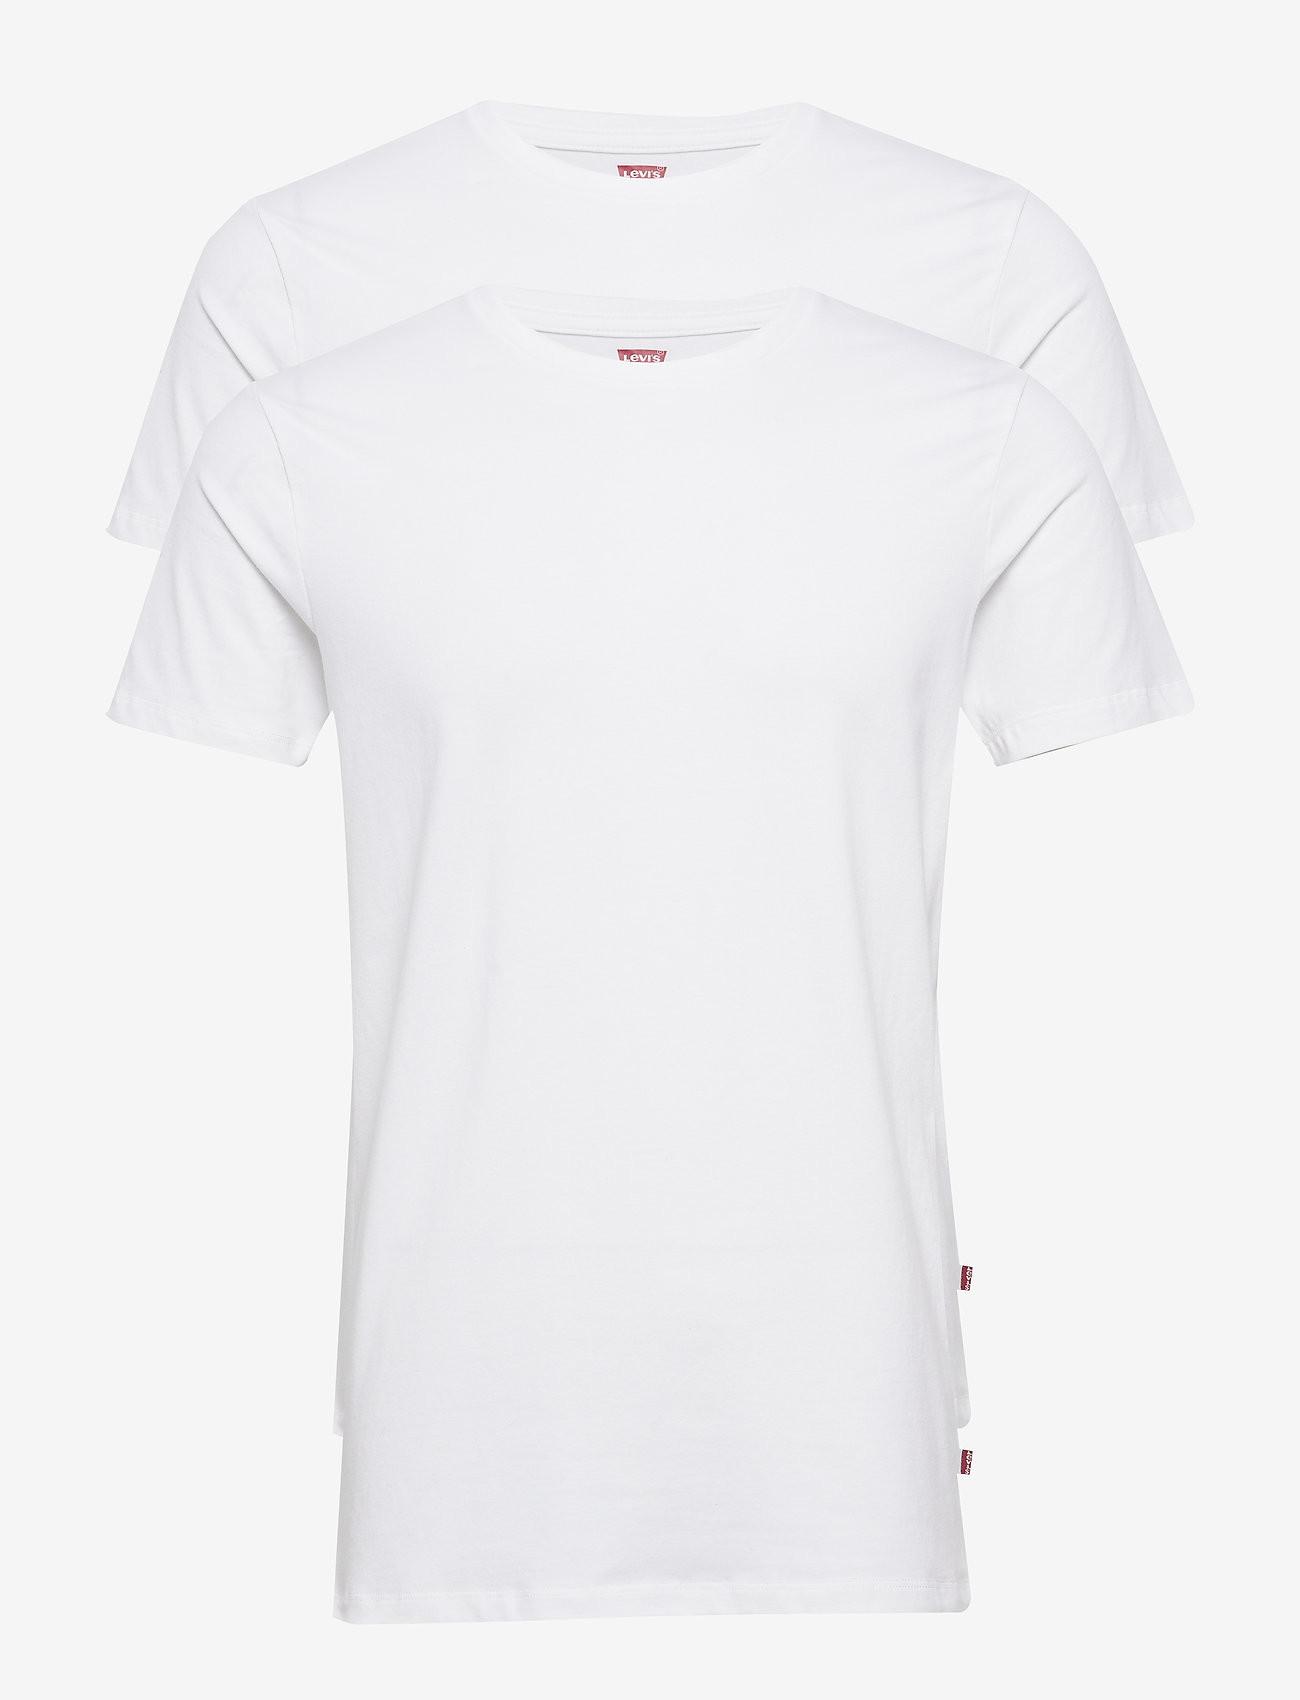 2PACK pánské tričko Levis Crew-neck bílé (905055001 300) M